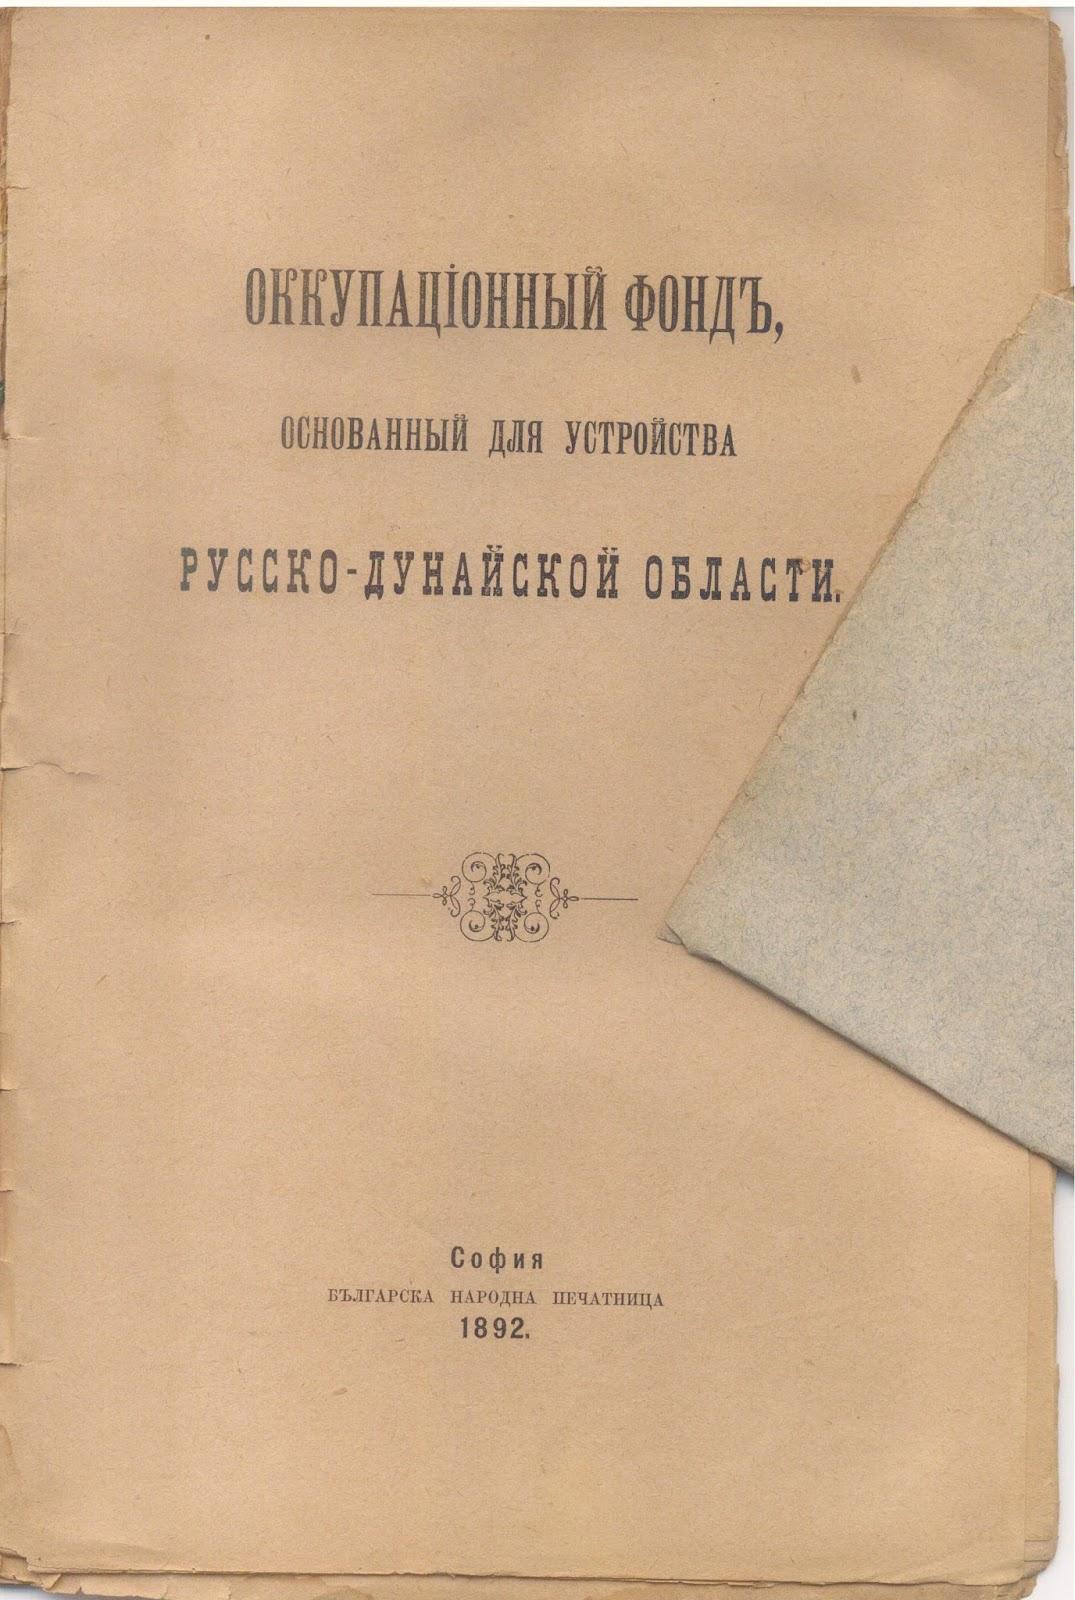 Image (450)